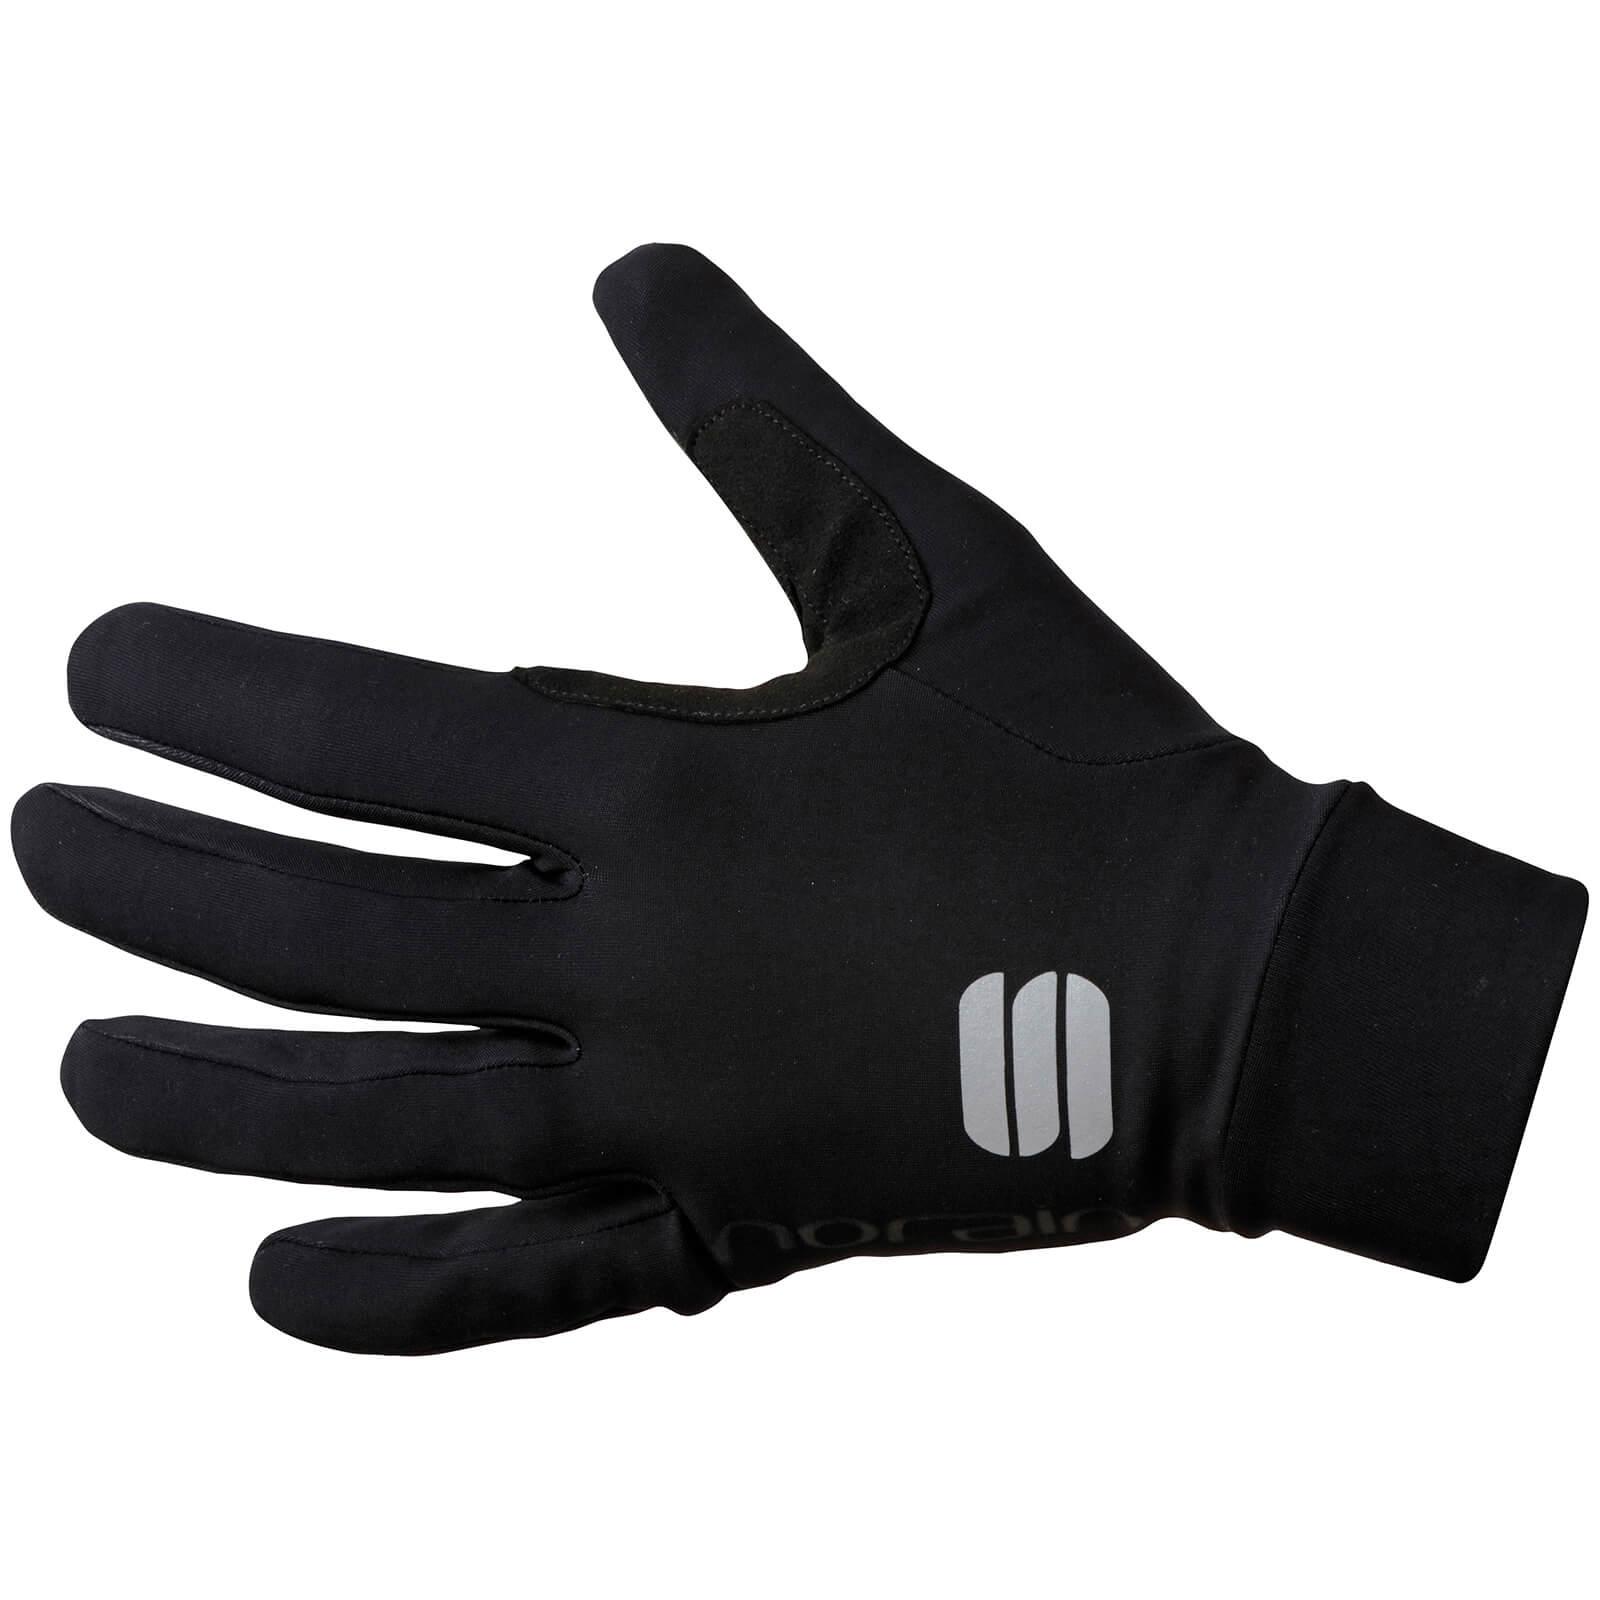 Sportful NoRain Gloves - S